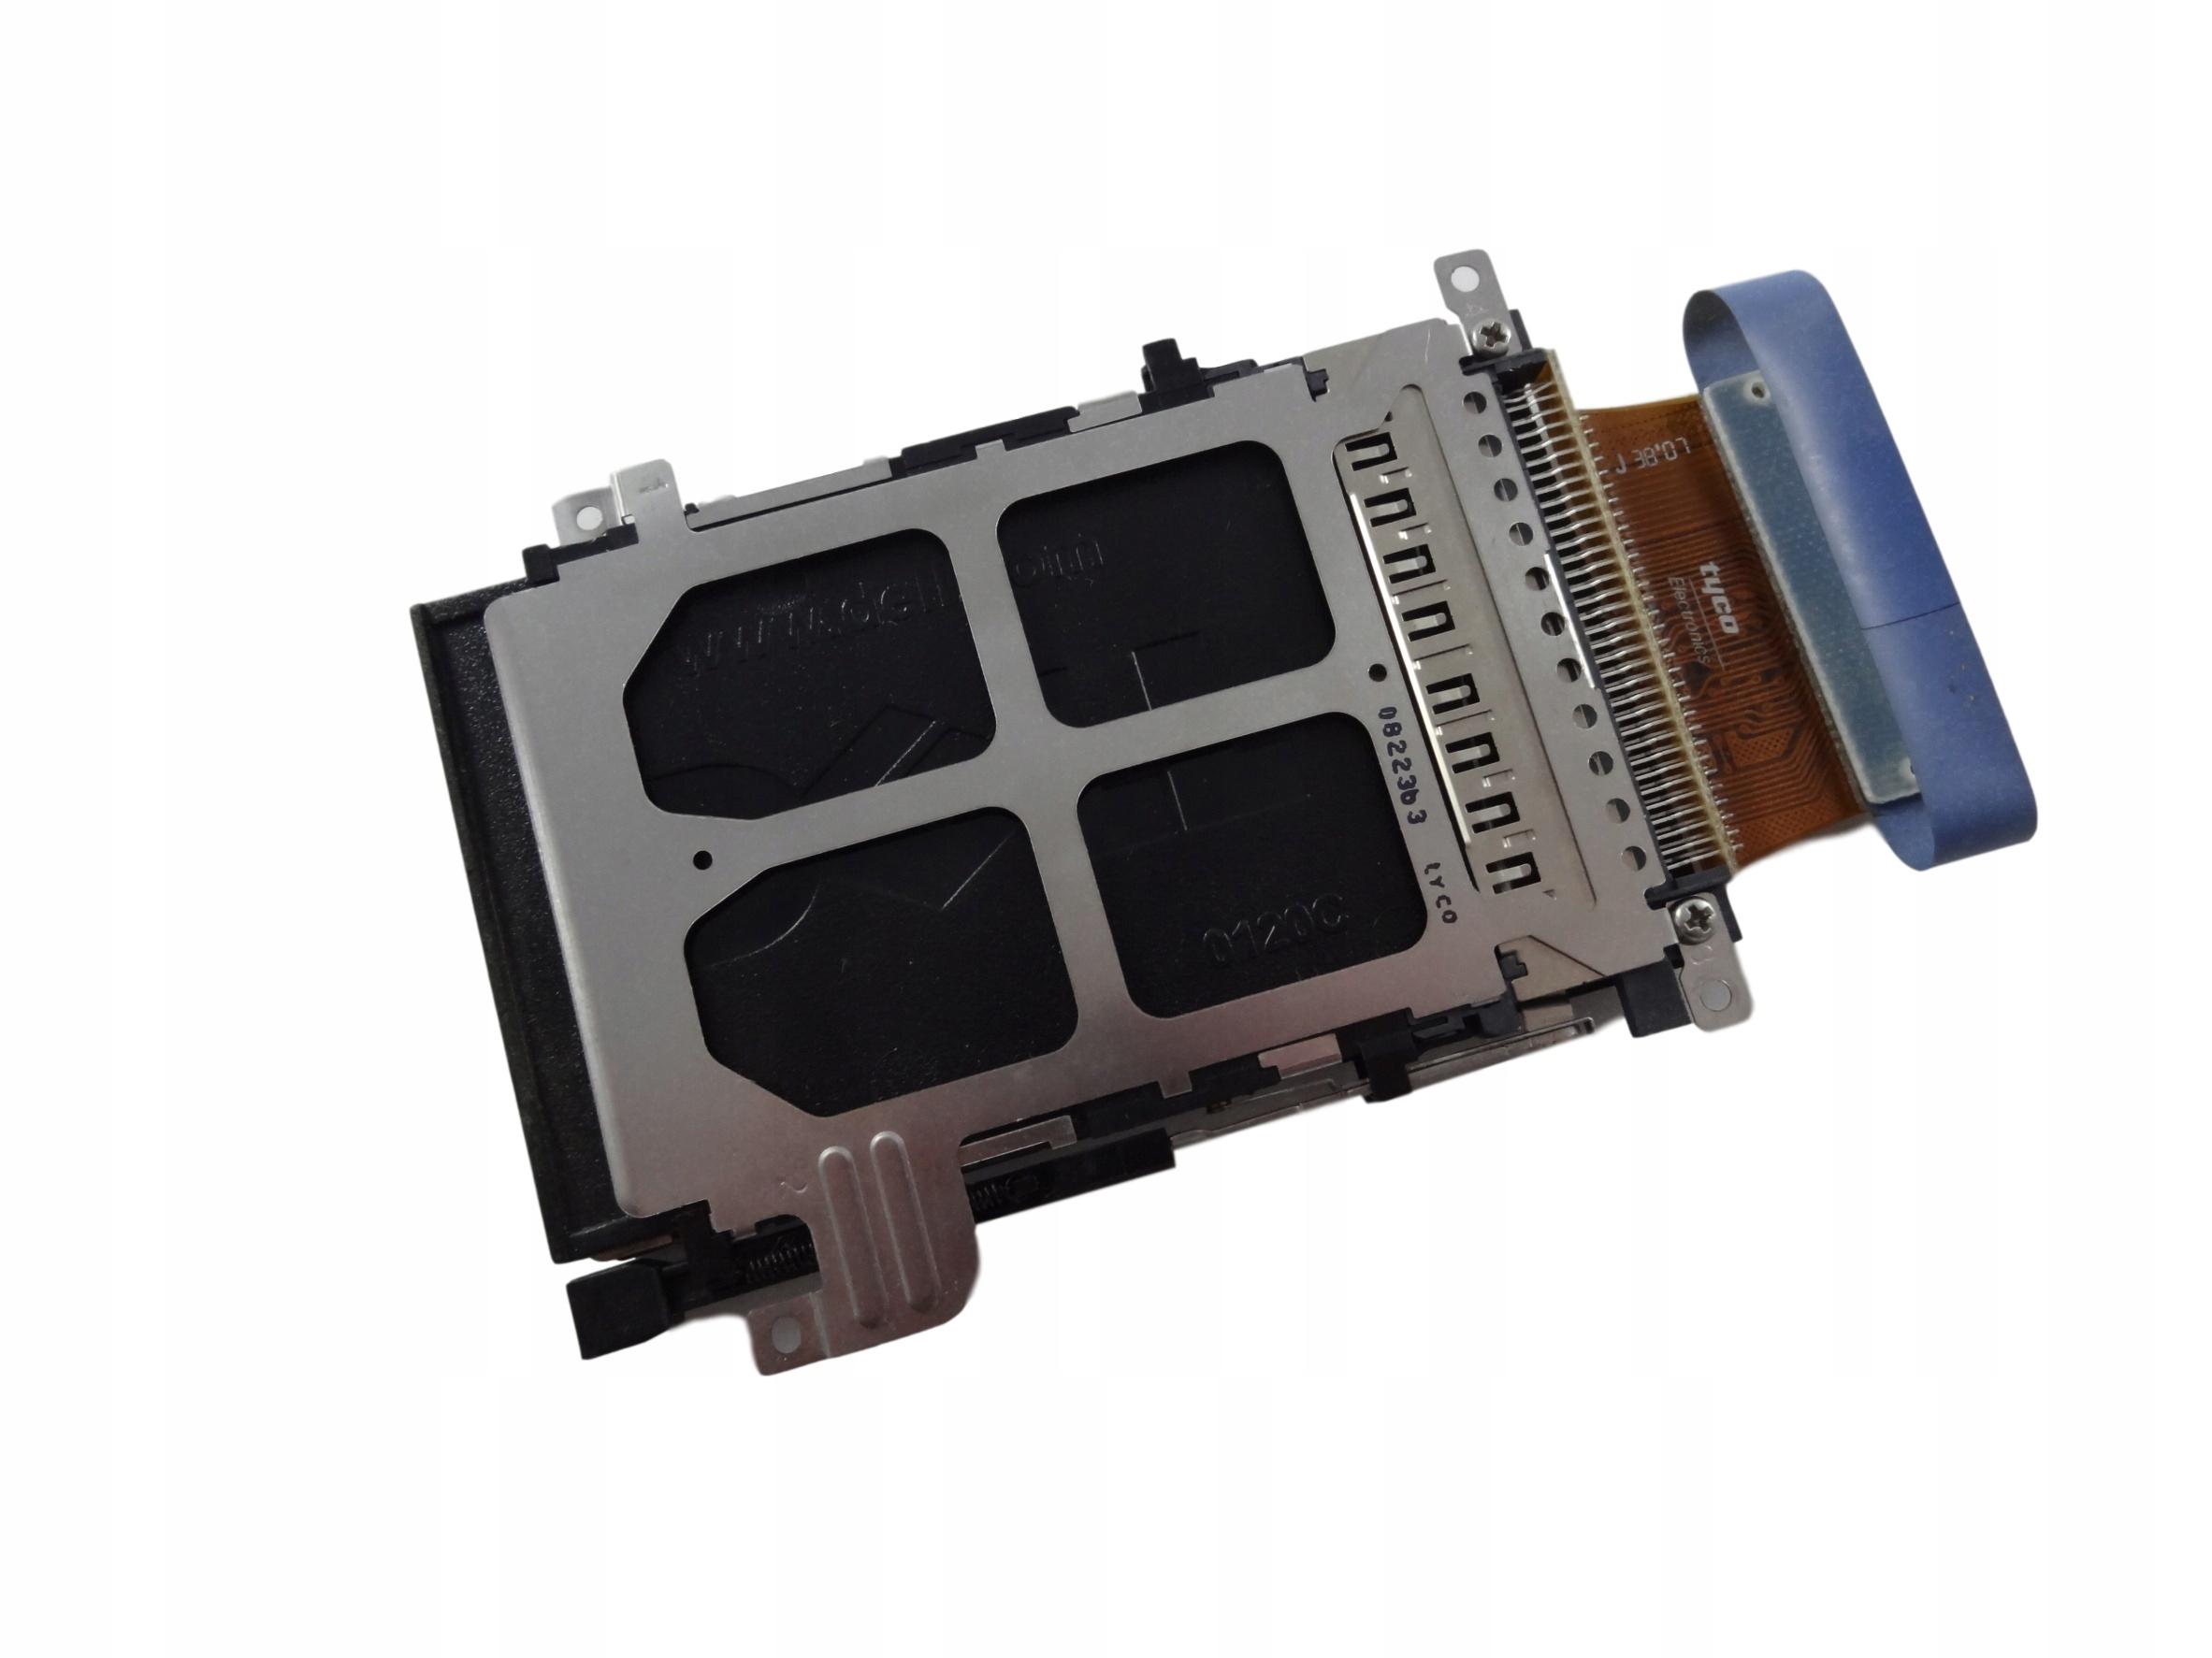 DELL LATITUDE PCMCIA DRIVER WINDOWS